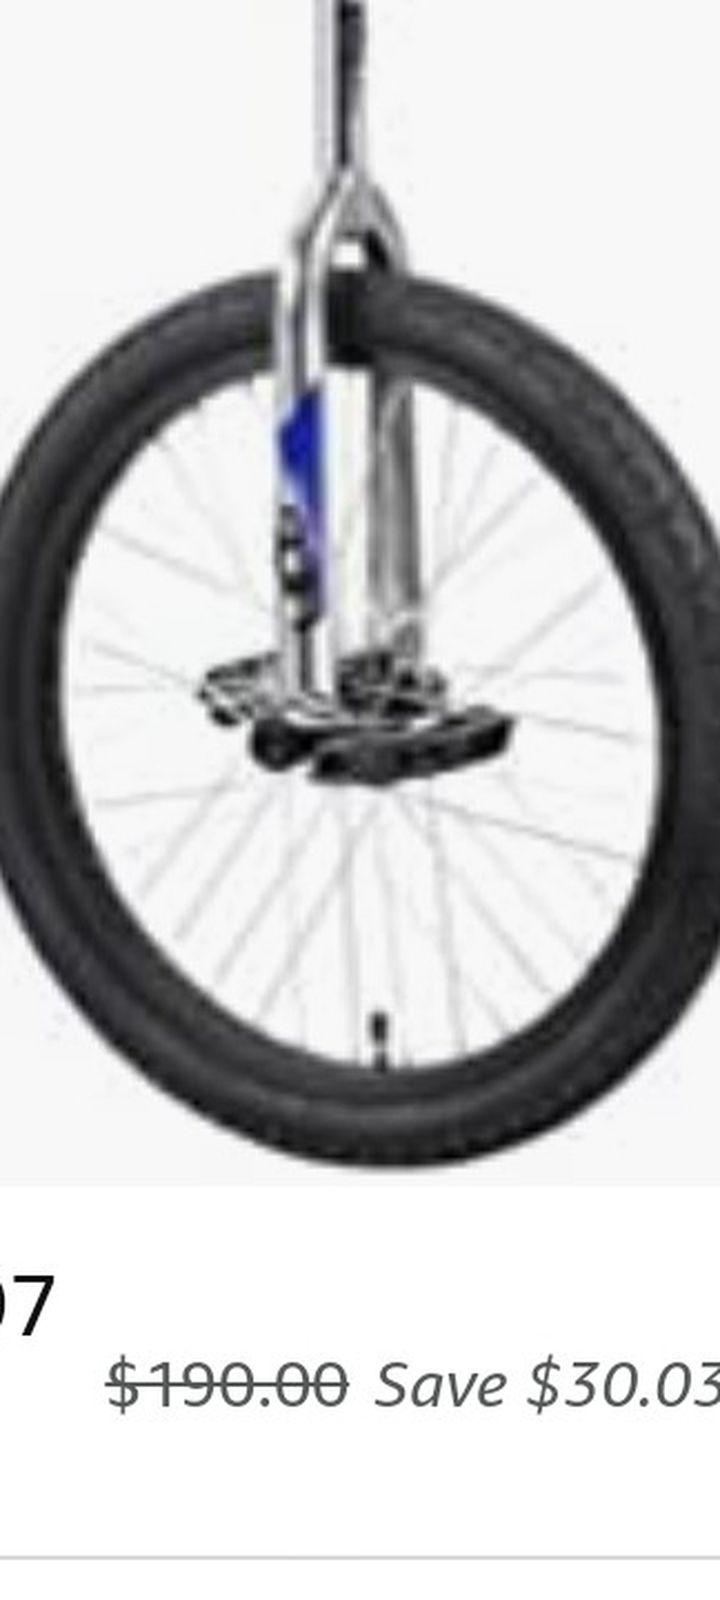 Unicycle Cycle Pro